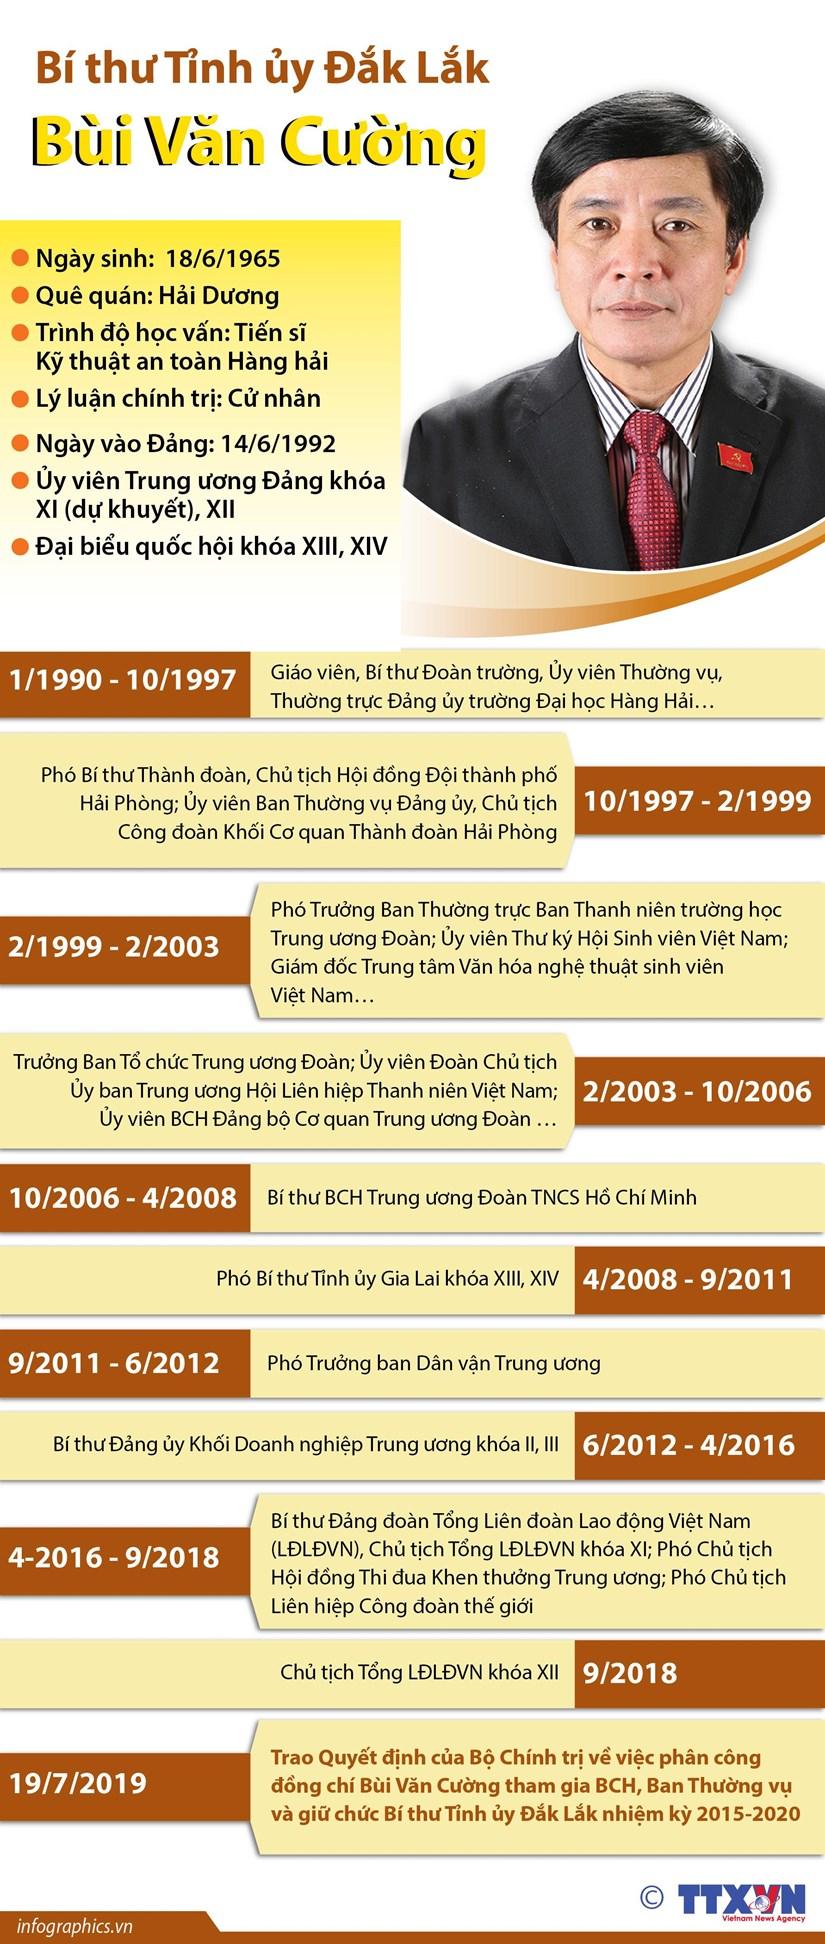 [Infographics] Bi thu Tinh uy Dak Lak Bui Van Cuong hinh anh 1